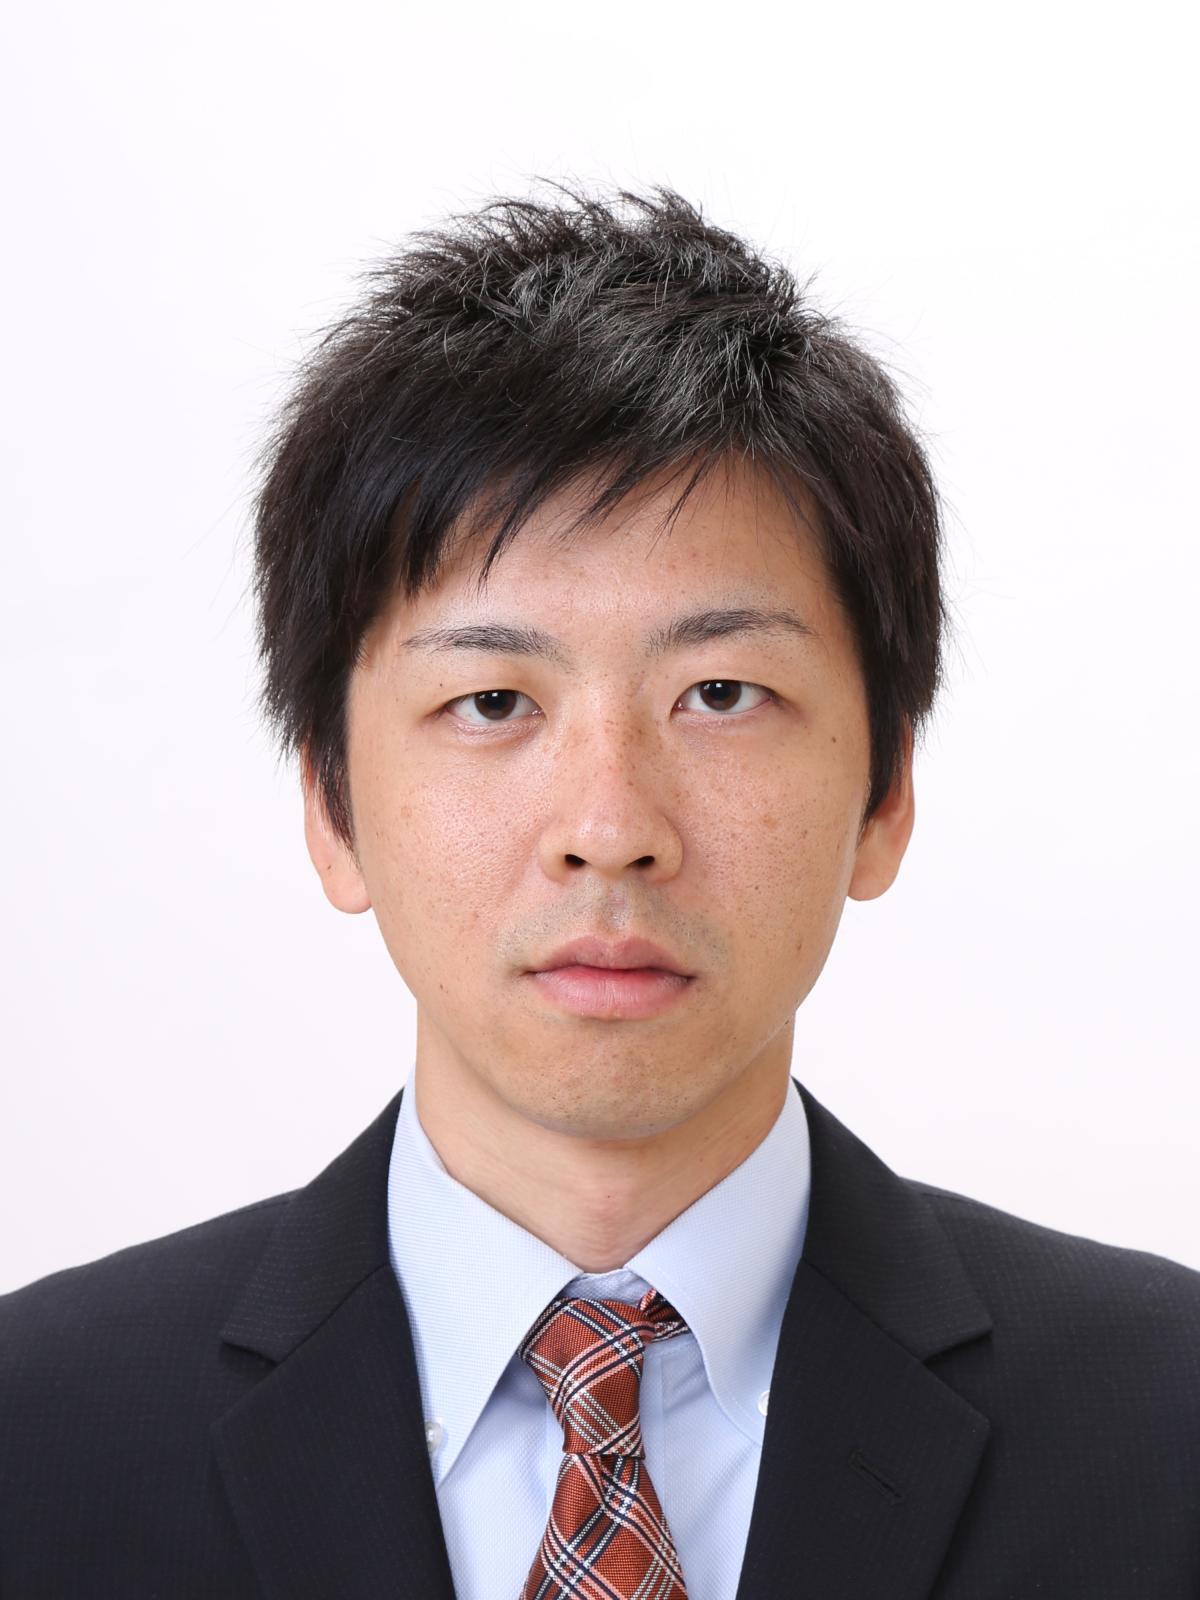 ポータル 名古屋 大学